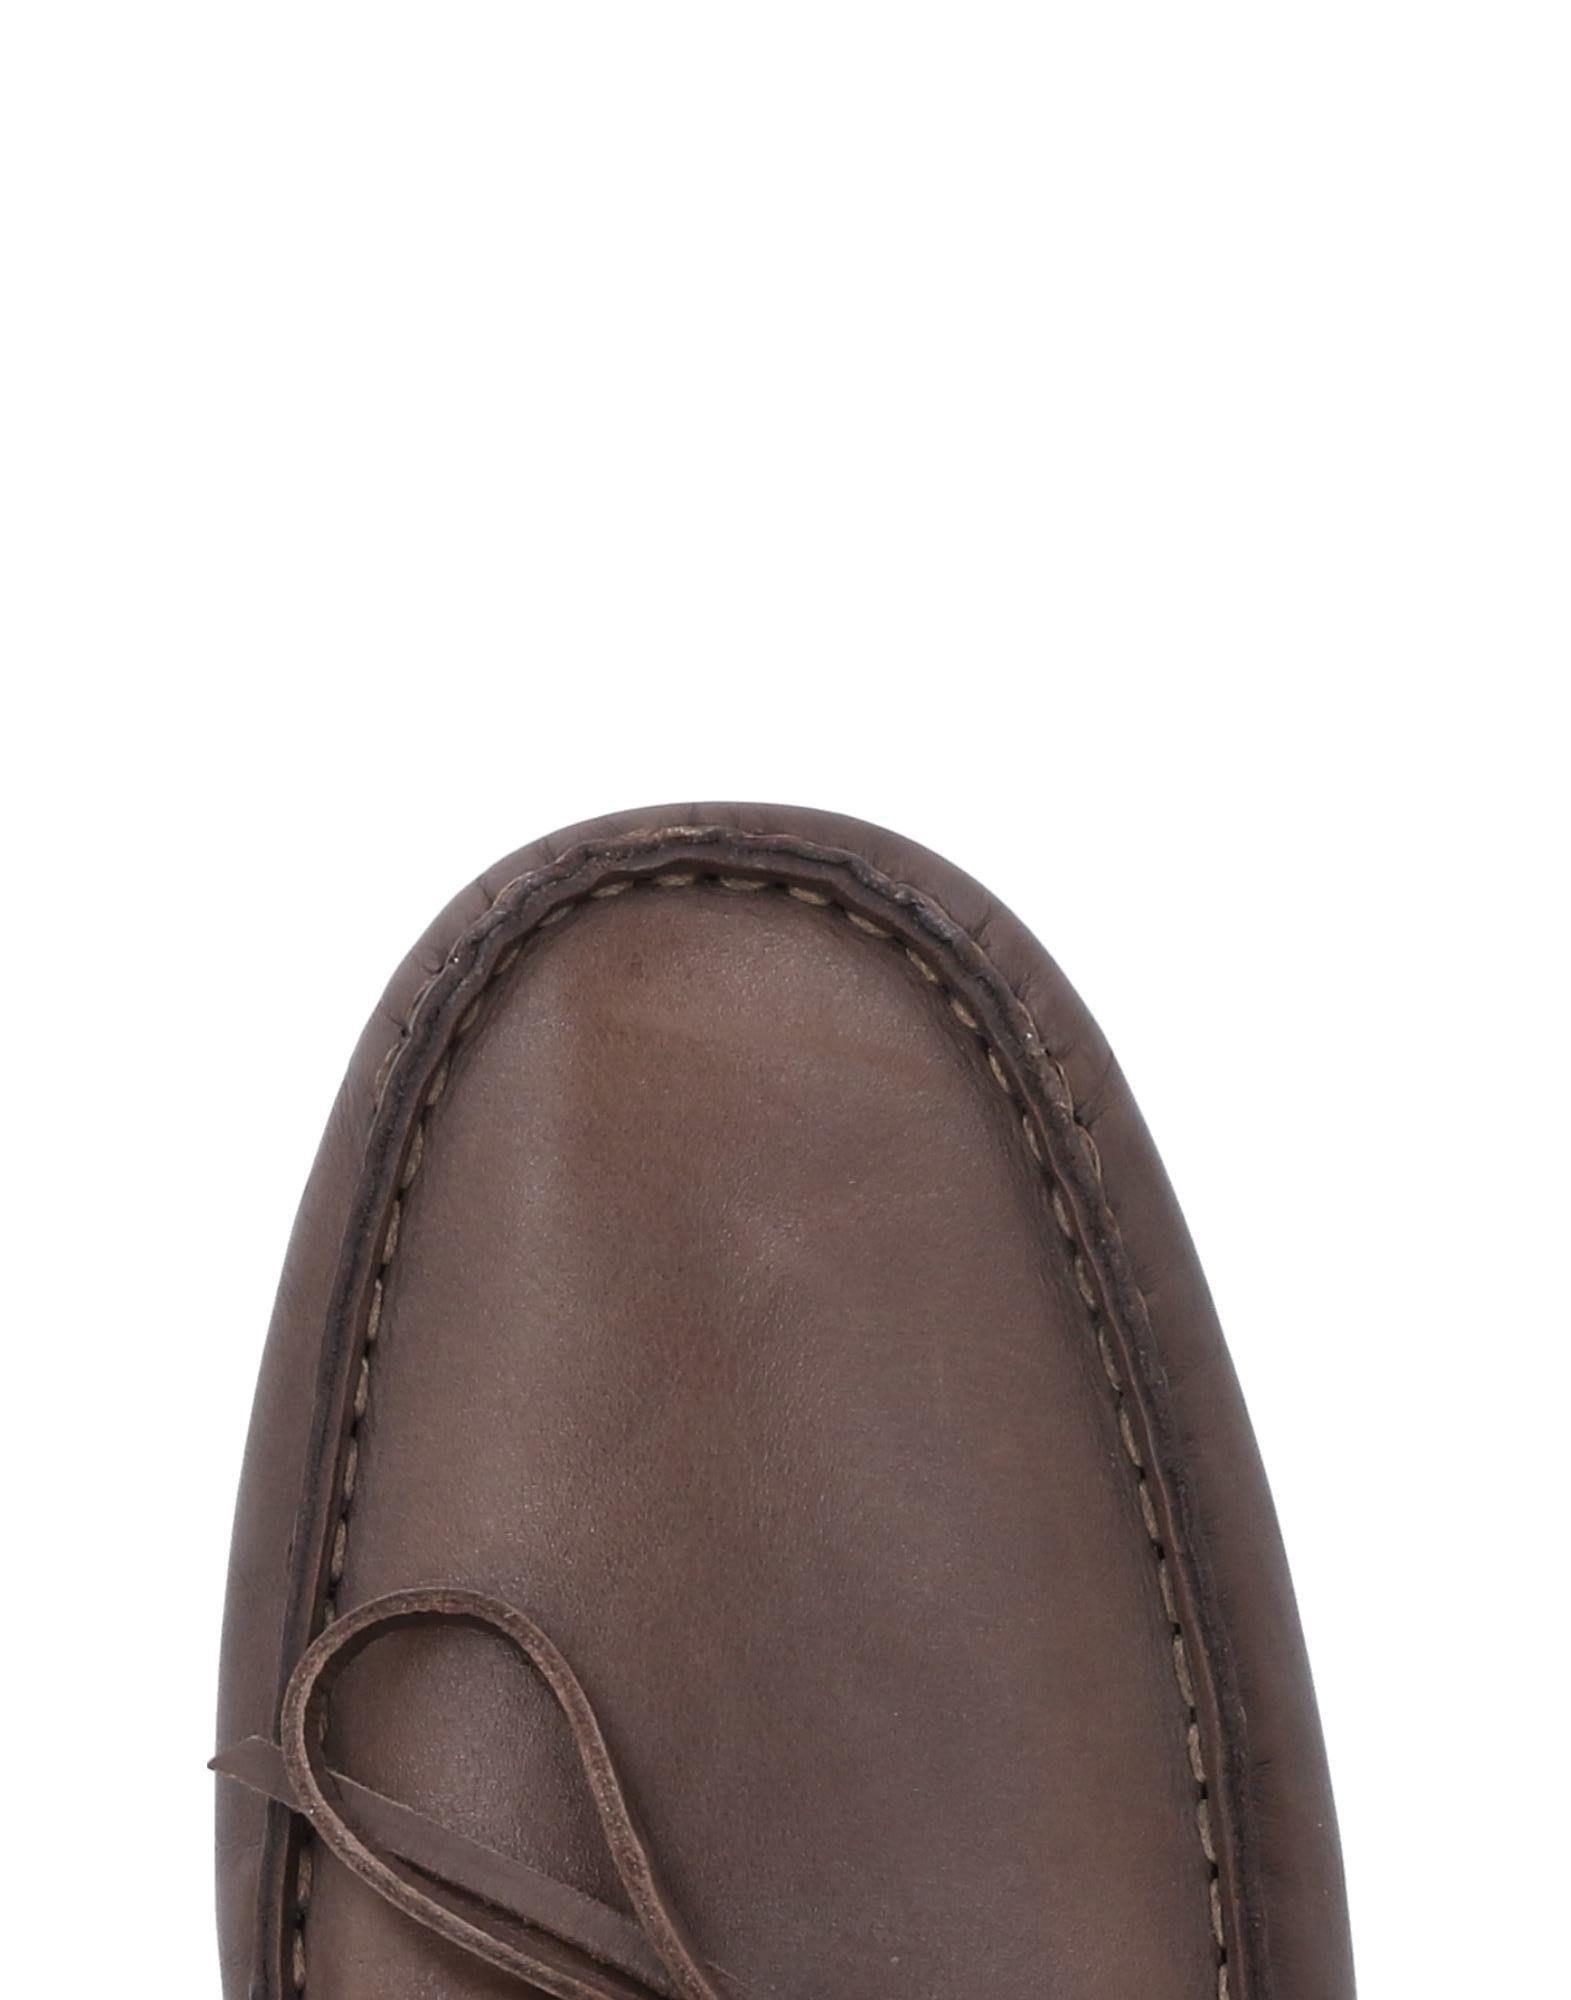 Pal Zileri Concept Mokassins Herren  11503544EG 11503544EG  Neue Schuhe 5e1792